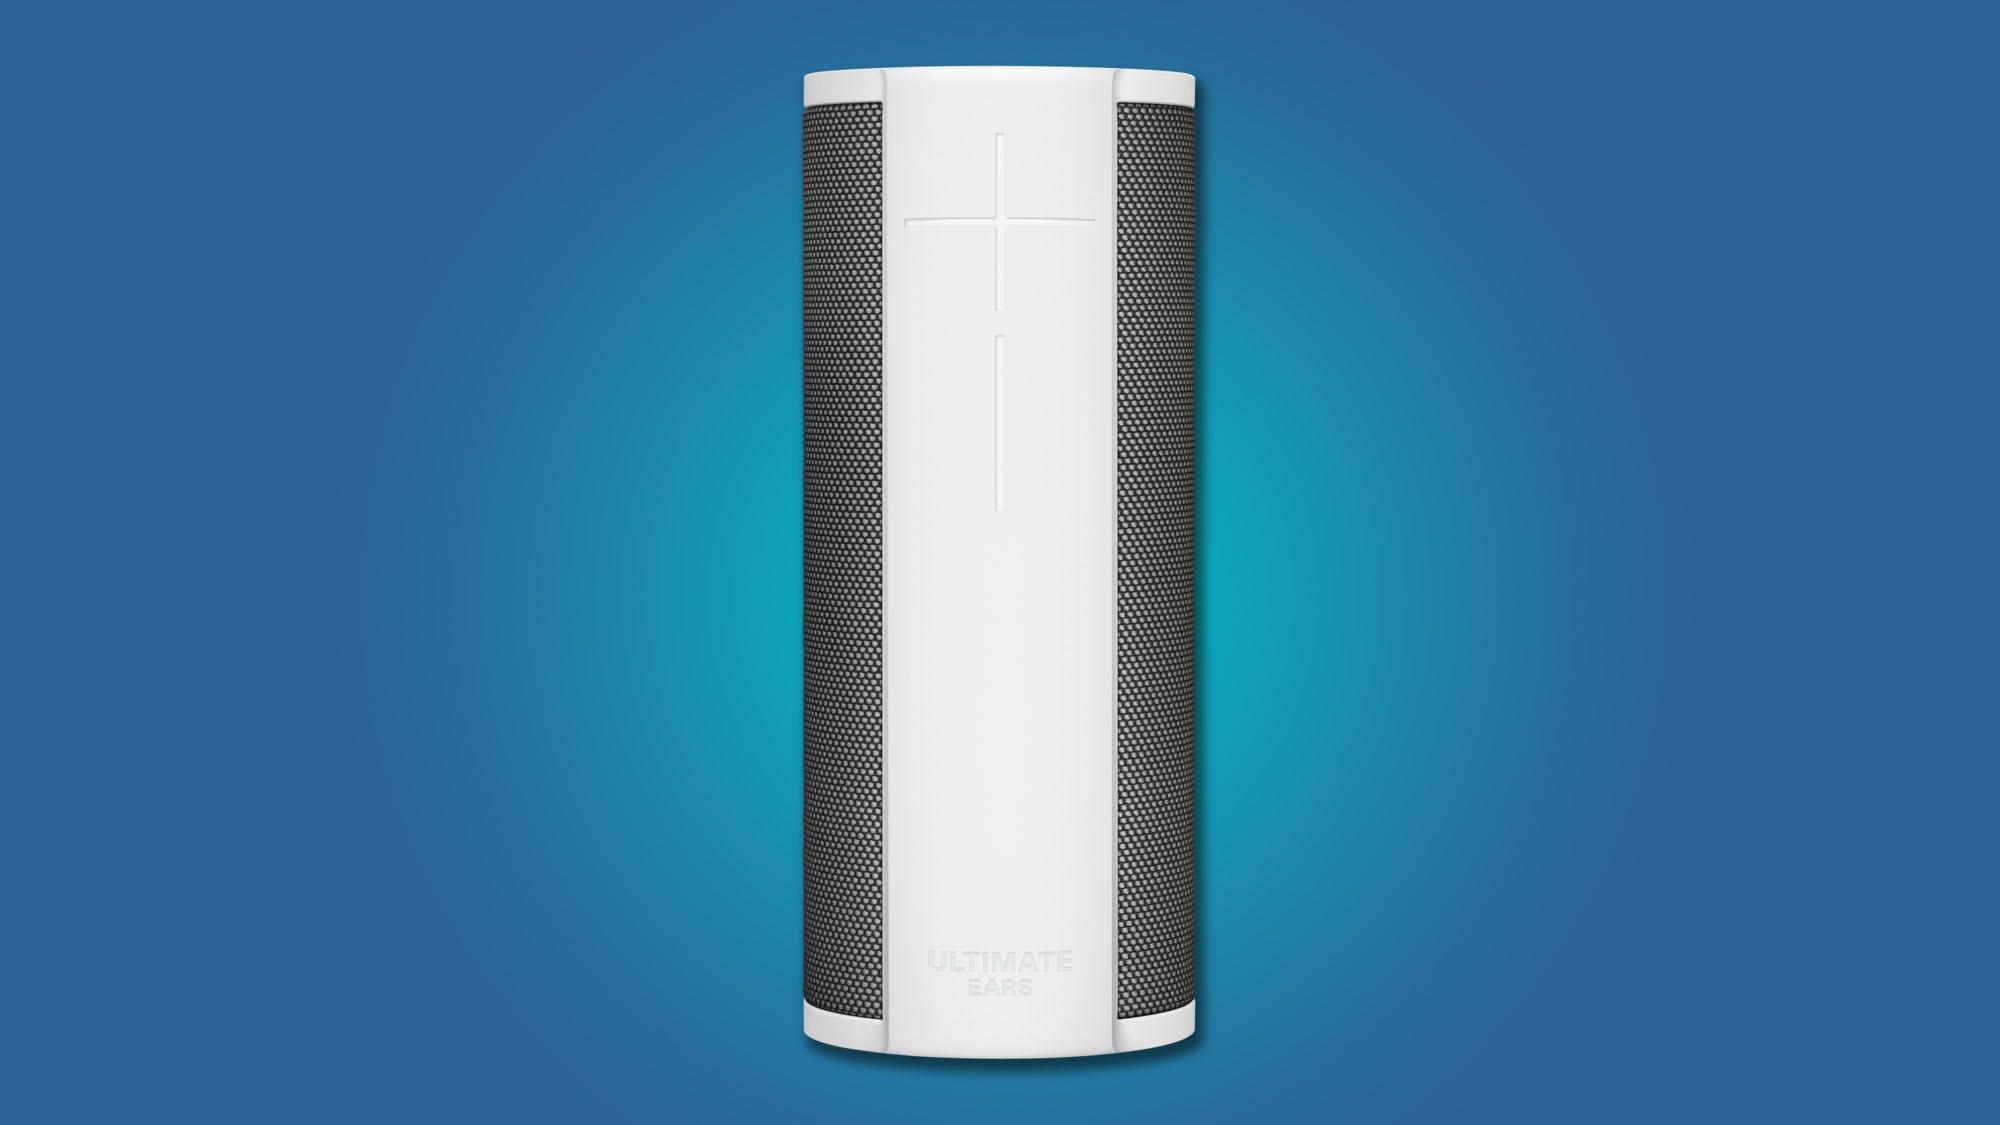 Die besten tragbaren Bluetooth-Lautsprecher mit Amazon Alexa